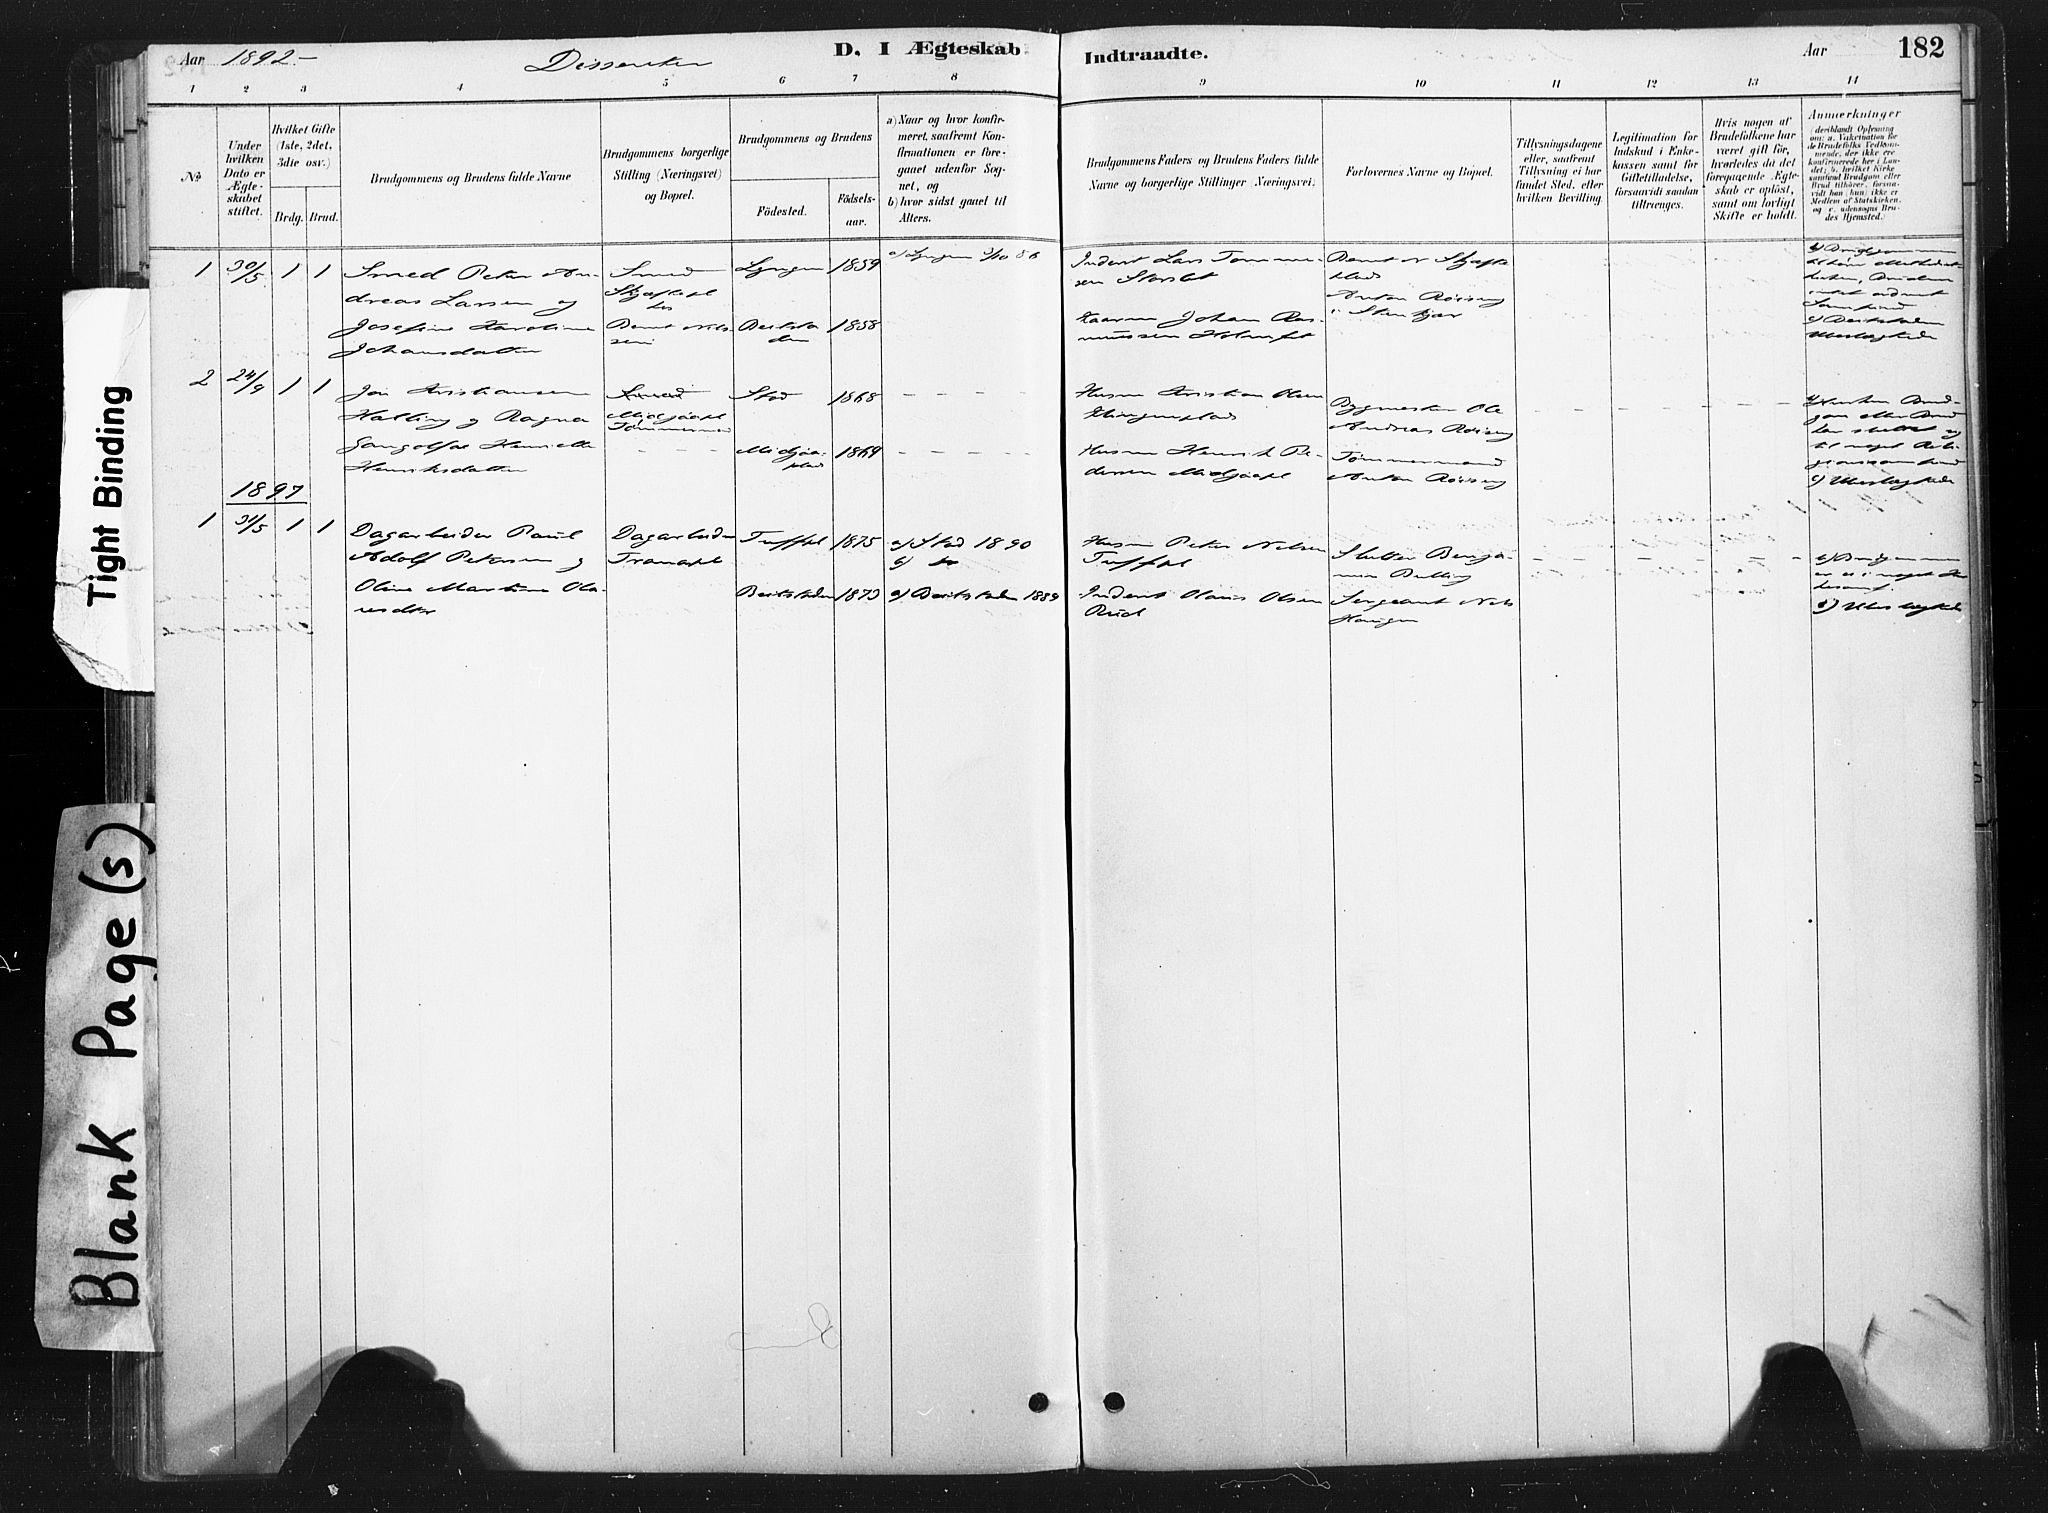 SAT, Ministerialprotokoller, klokkerbøker og fødselsregistre - Nord-Trøndelag, 736/L0361: Ministerialbok nr. 736A01, 1884-1906, s. 182